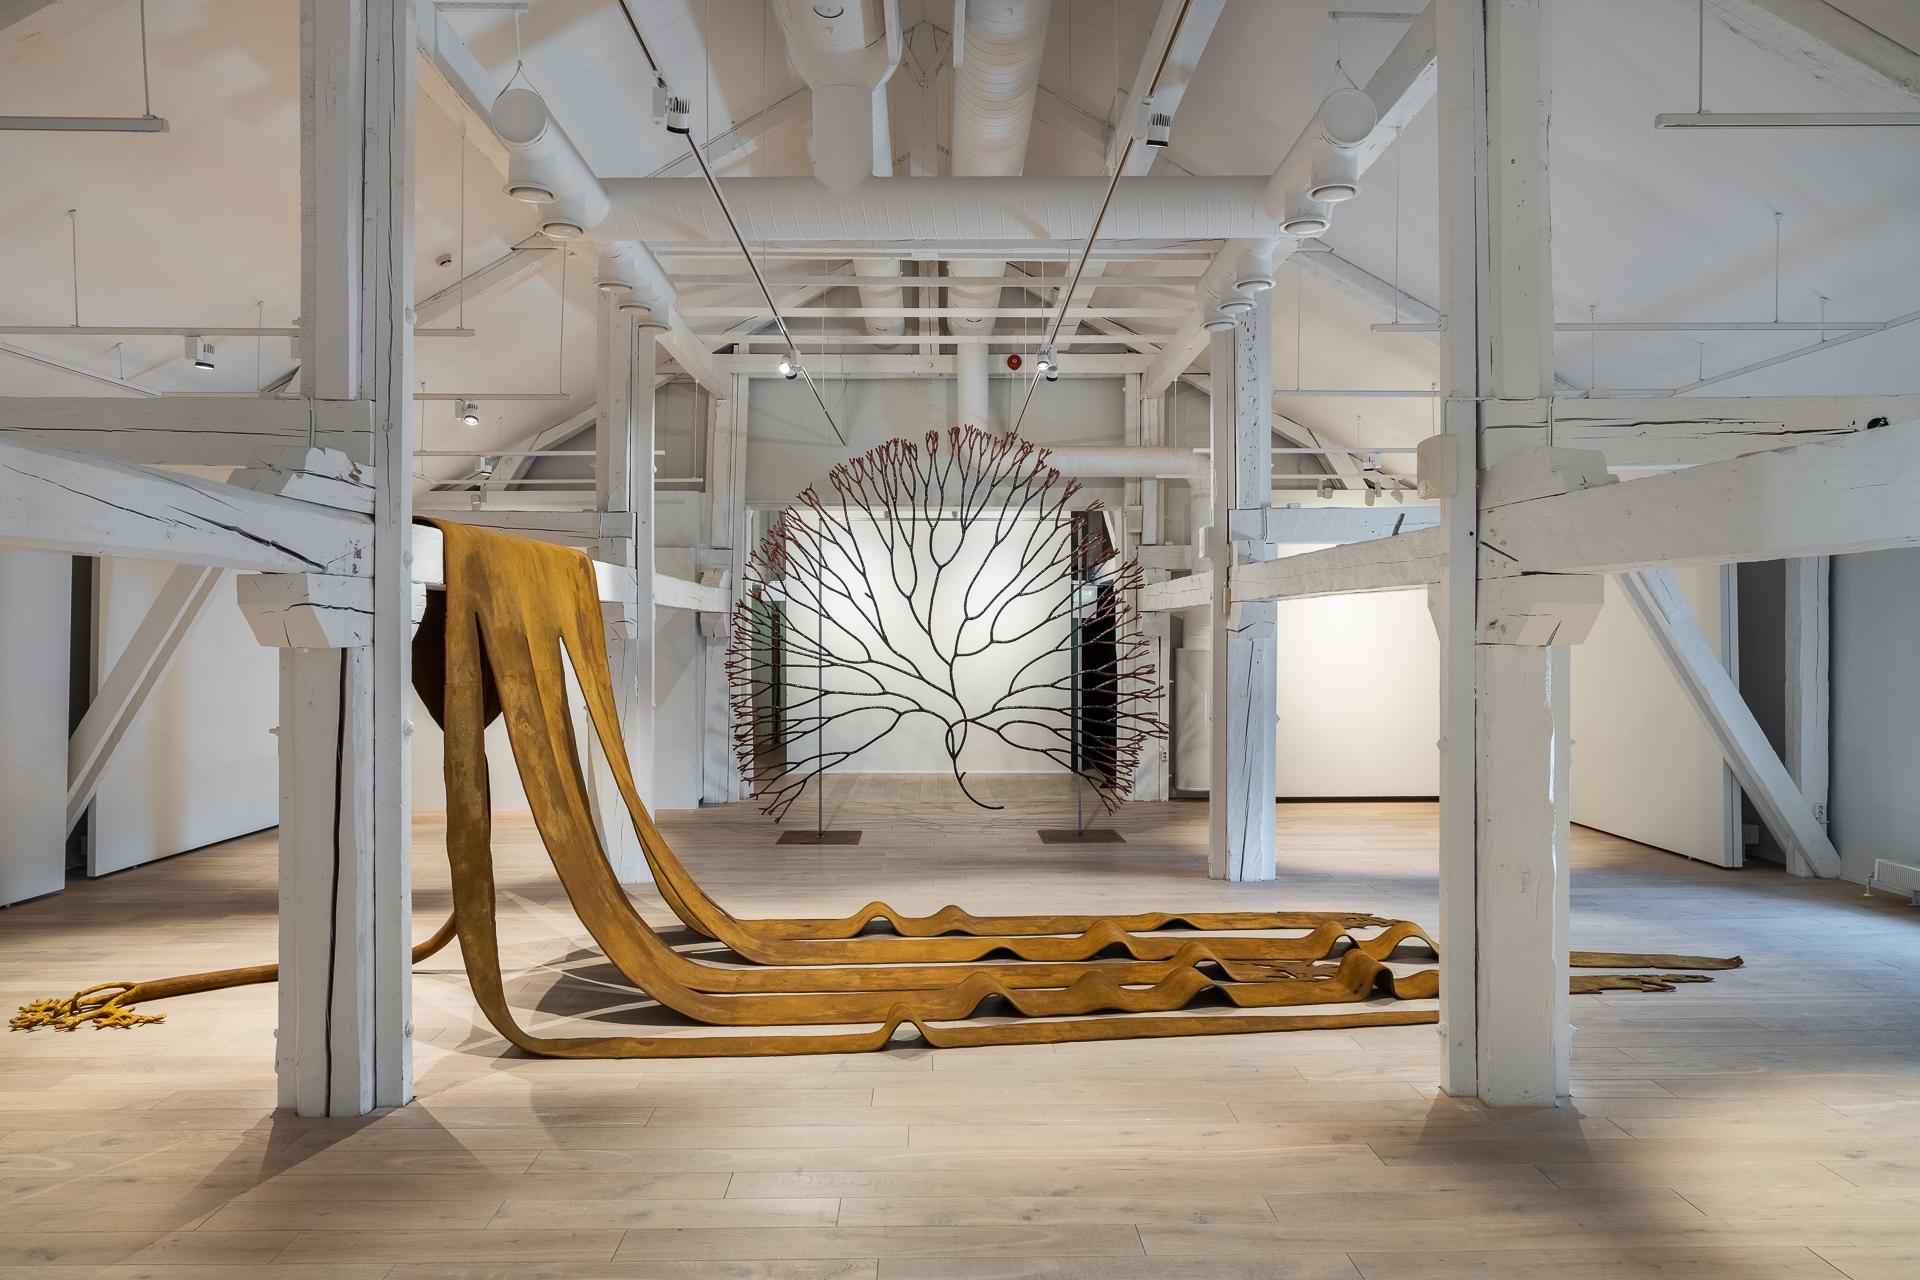 Taidemuseon sisätila